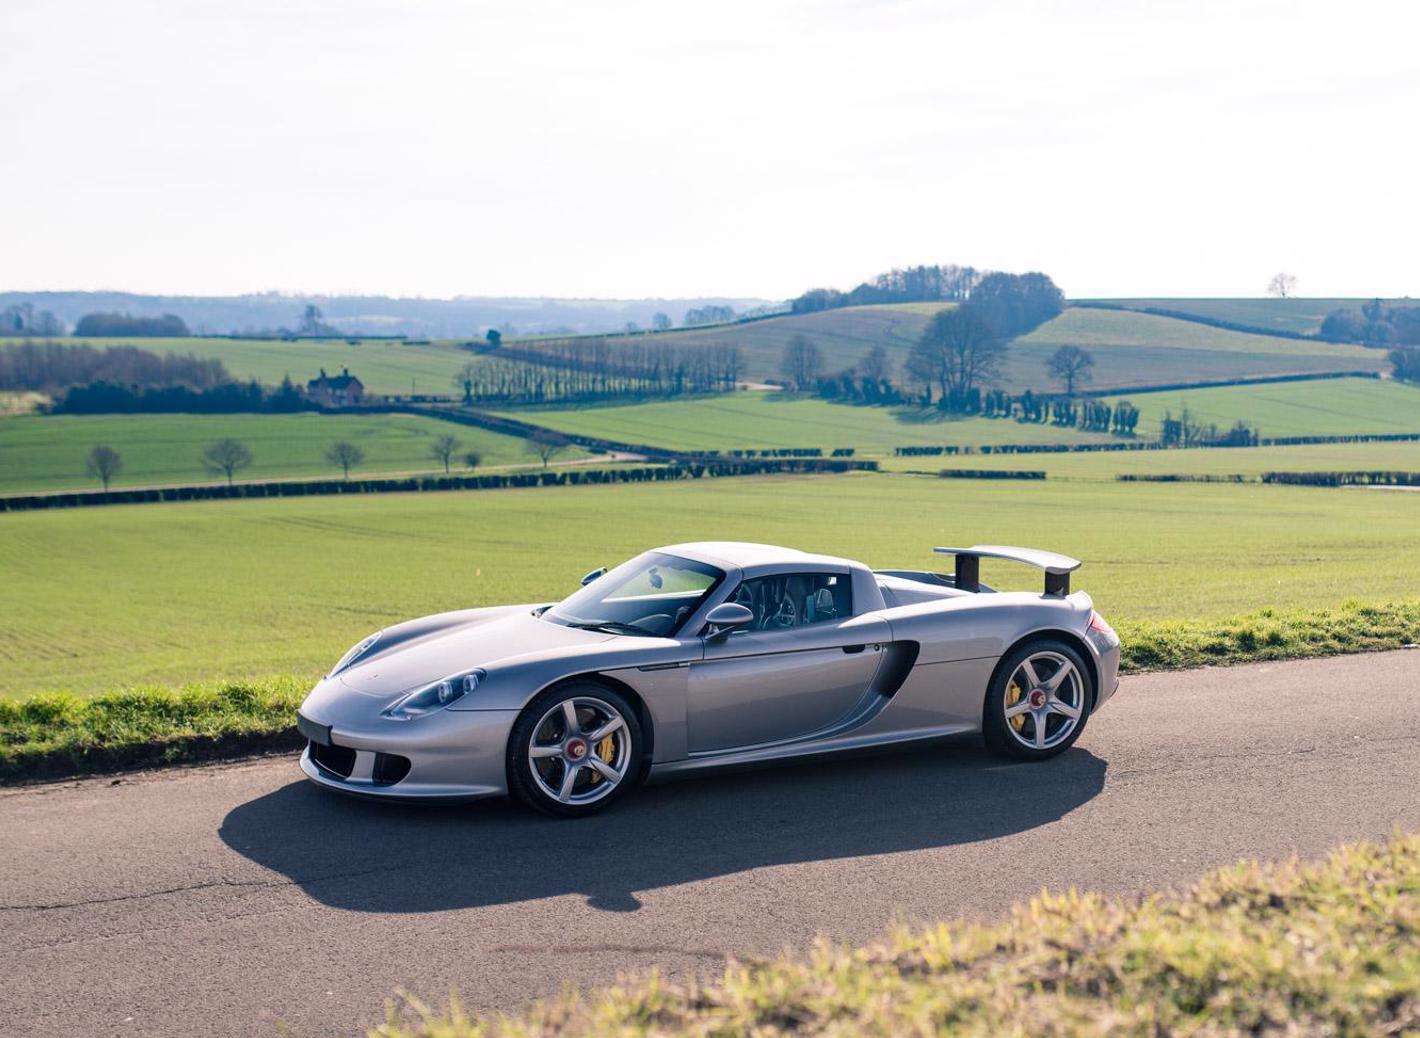 Porsche Carrera Gt 2005 Elferspot Com Marketplace For